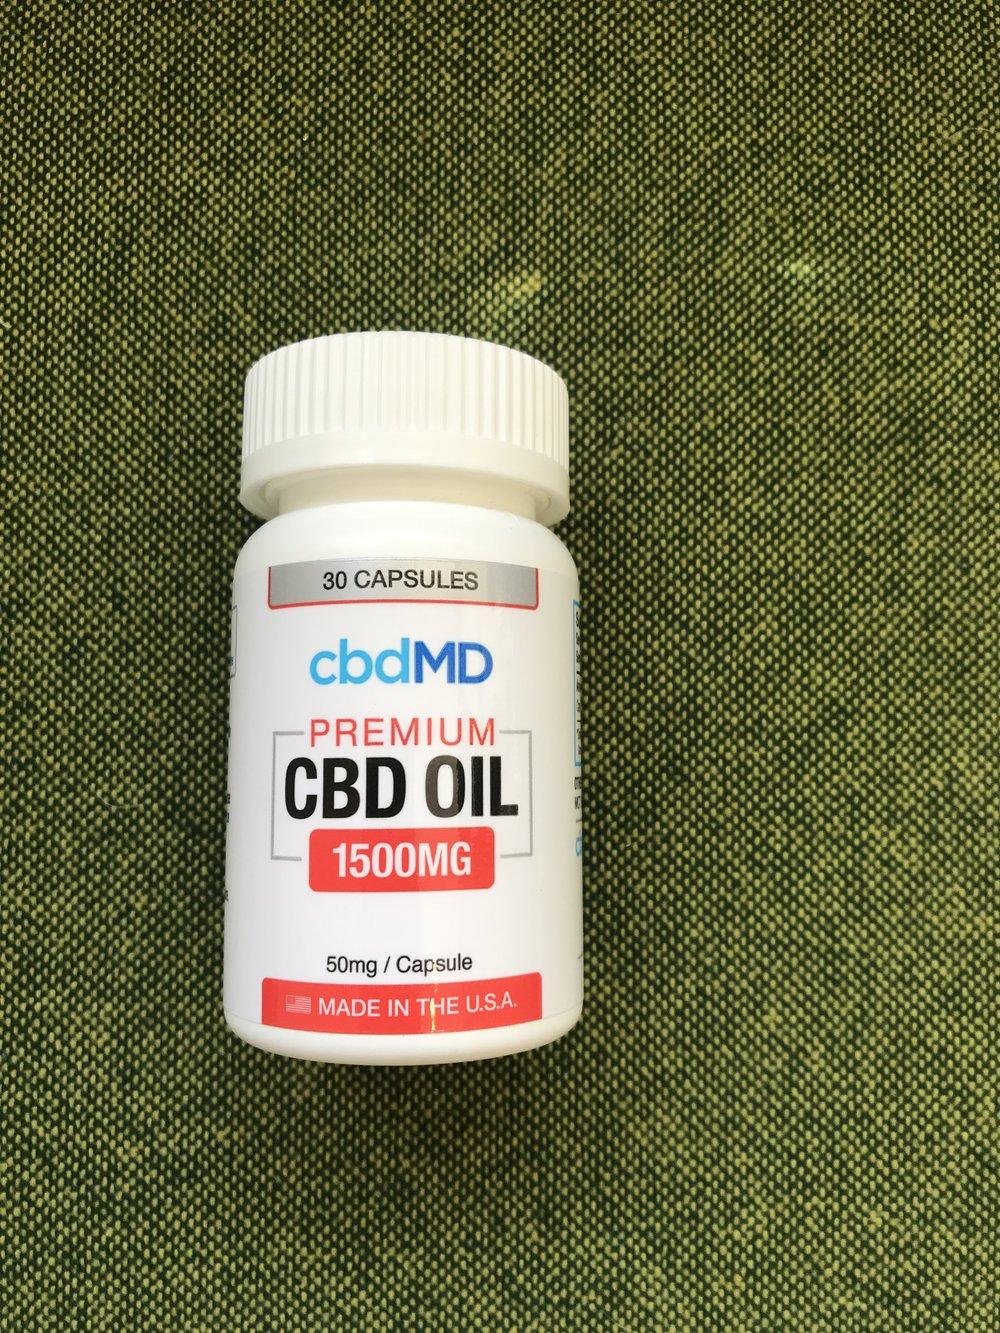 cbdMD Premium Capsules 50mg - $95.00 (30 count)